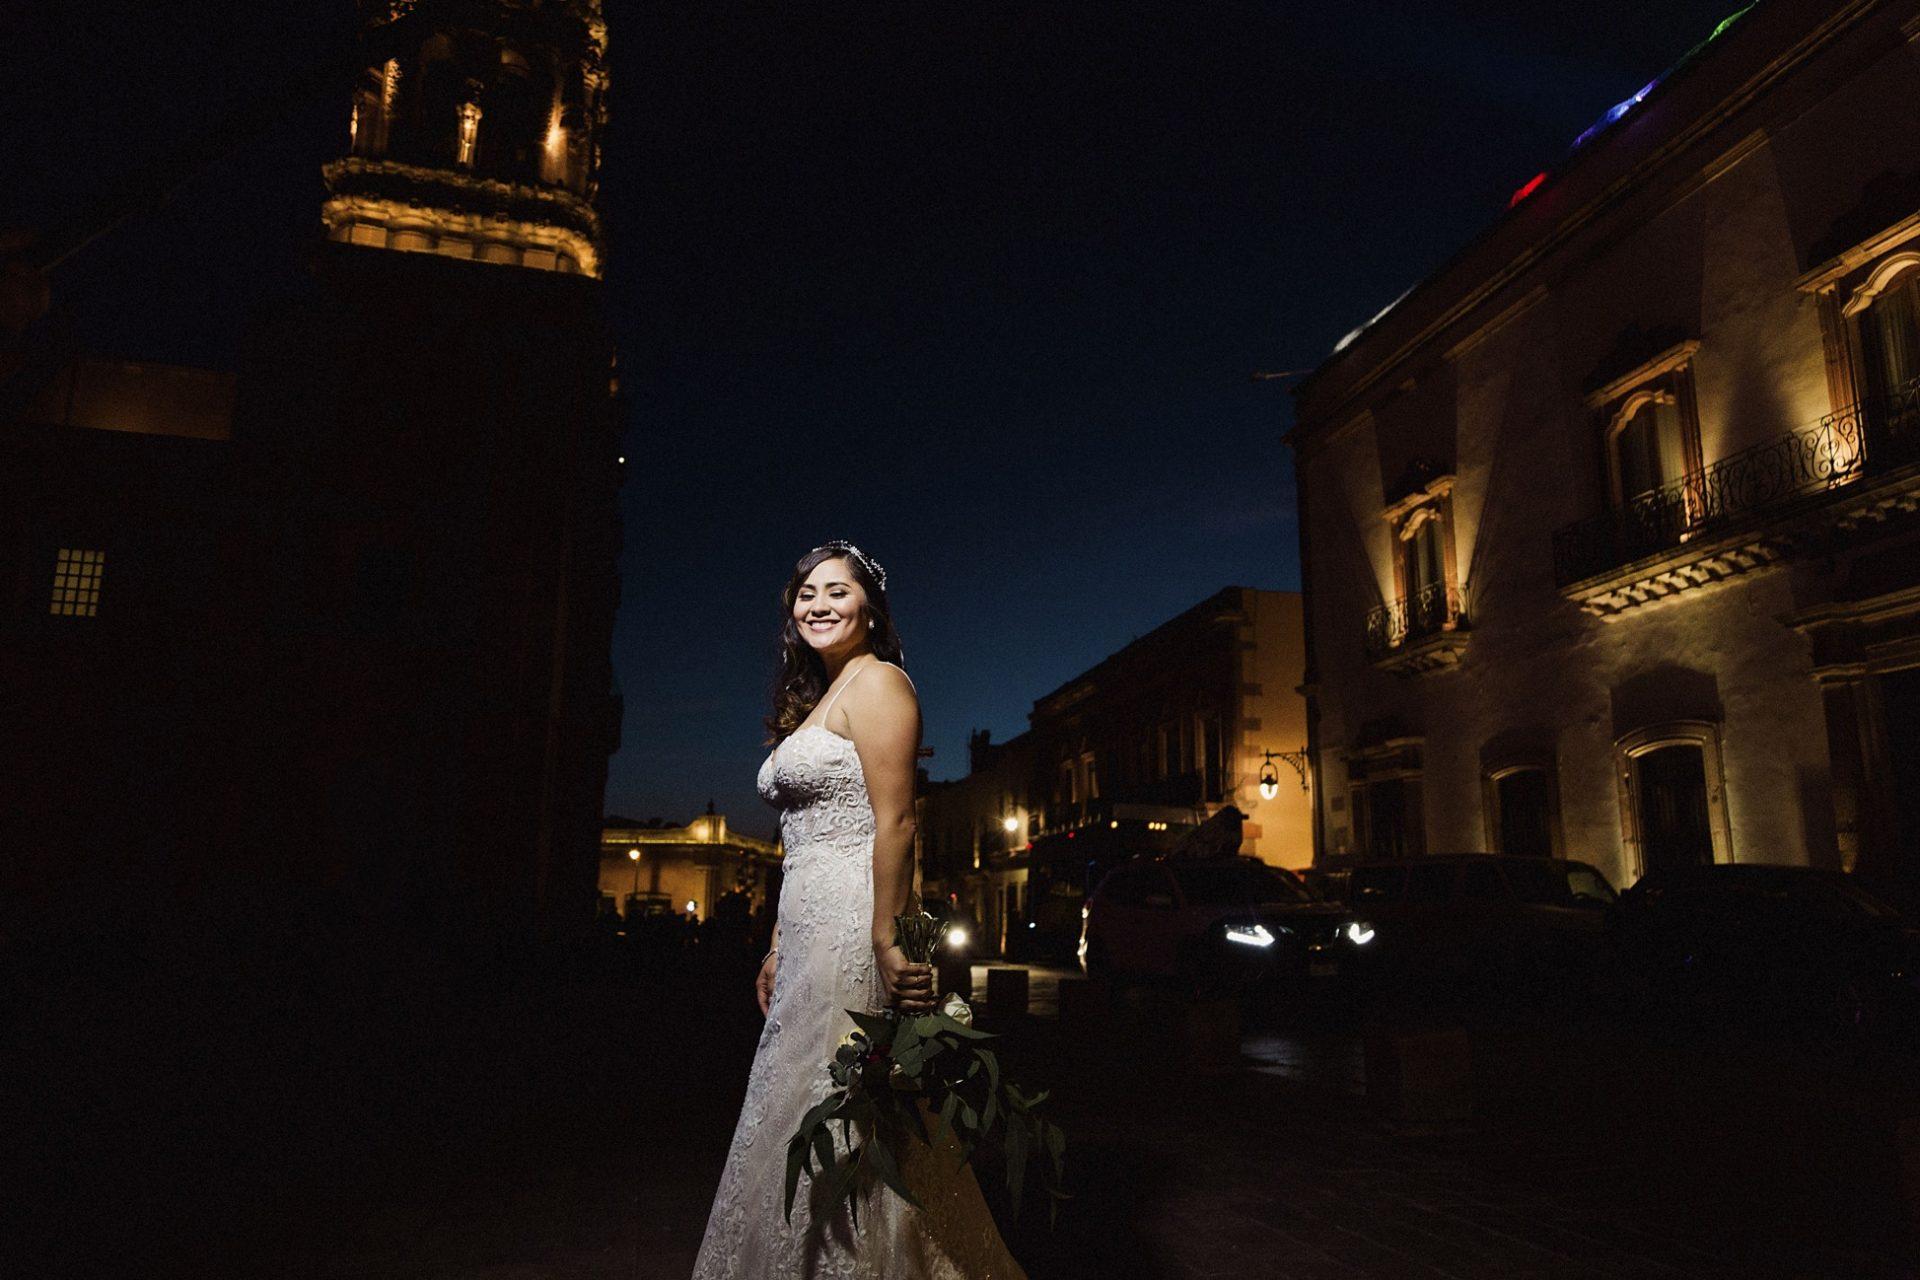 fotografo_profesional_bodas_zacatecas_mexico-46